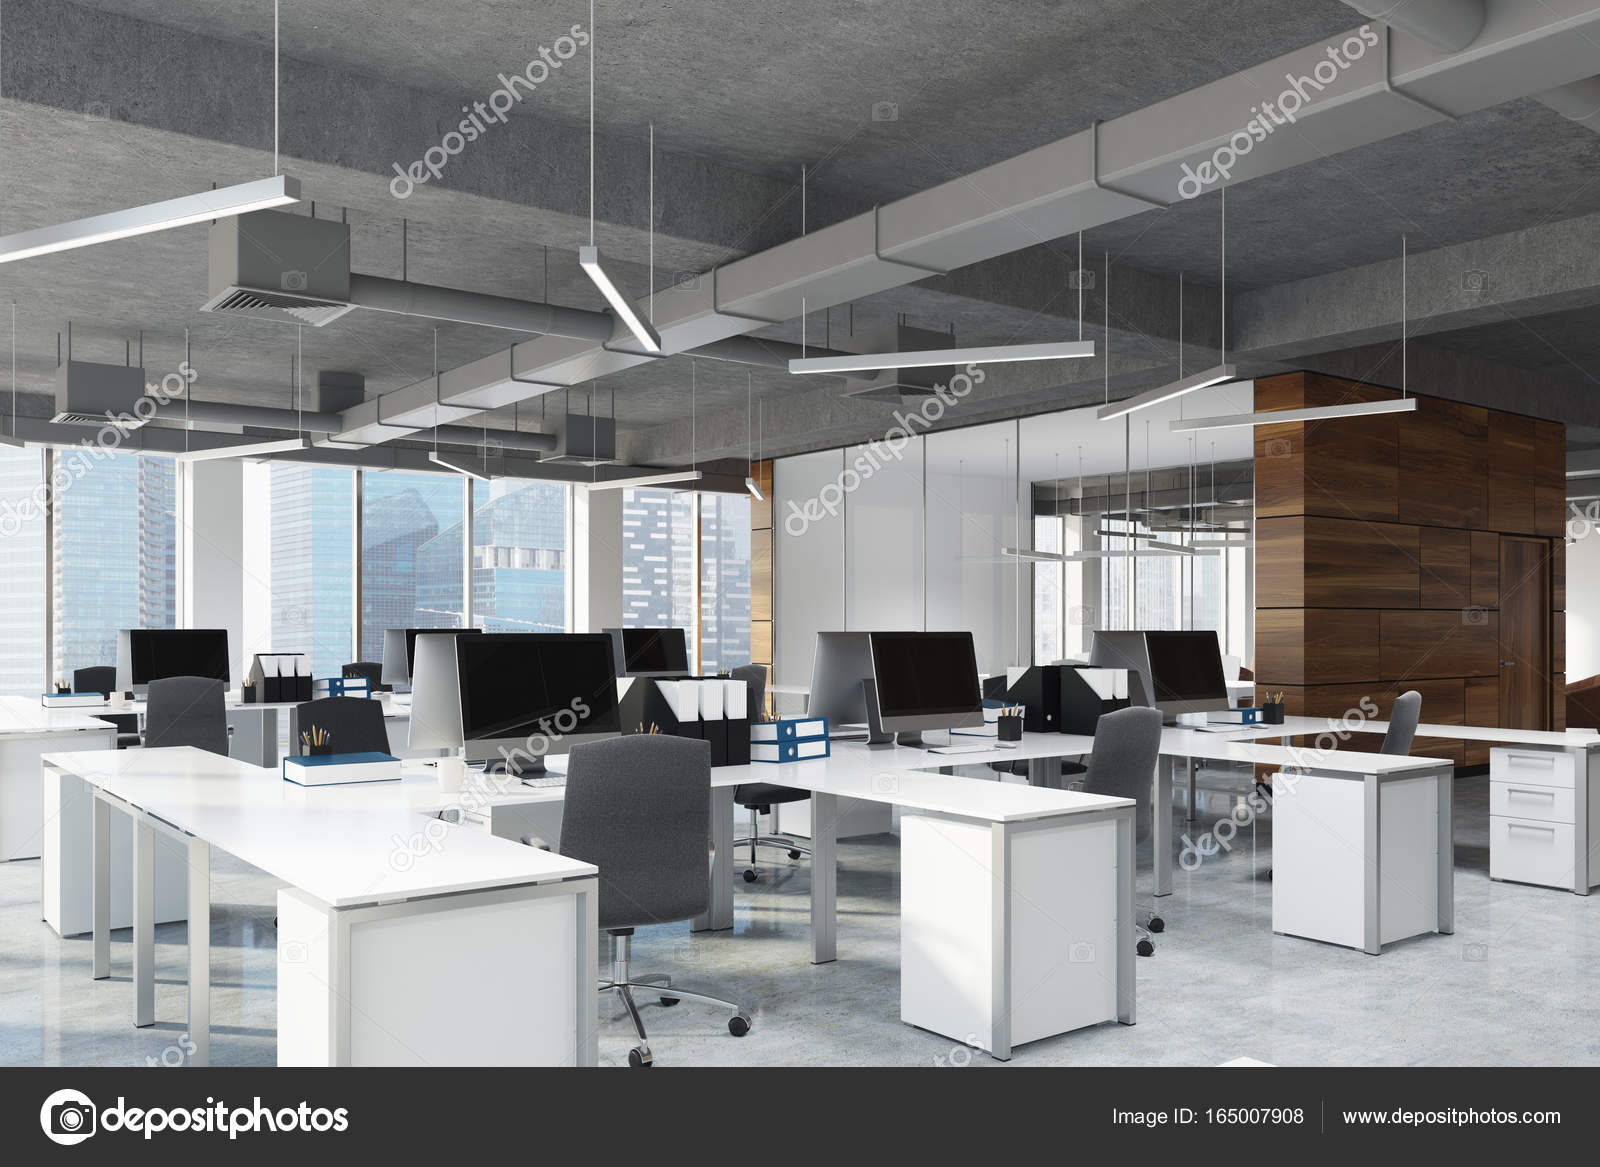 Spazio aperto uffici e sale riunioni camera lato foto - Immagini di uffici ...